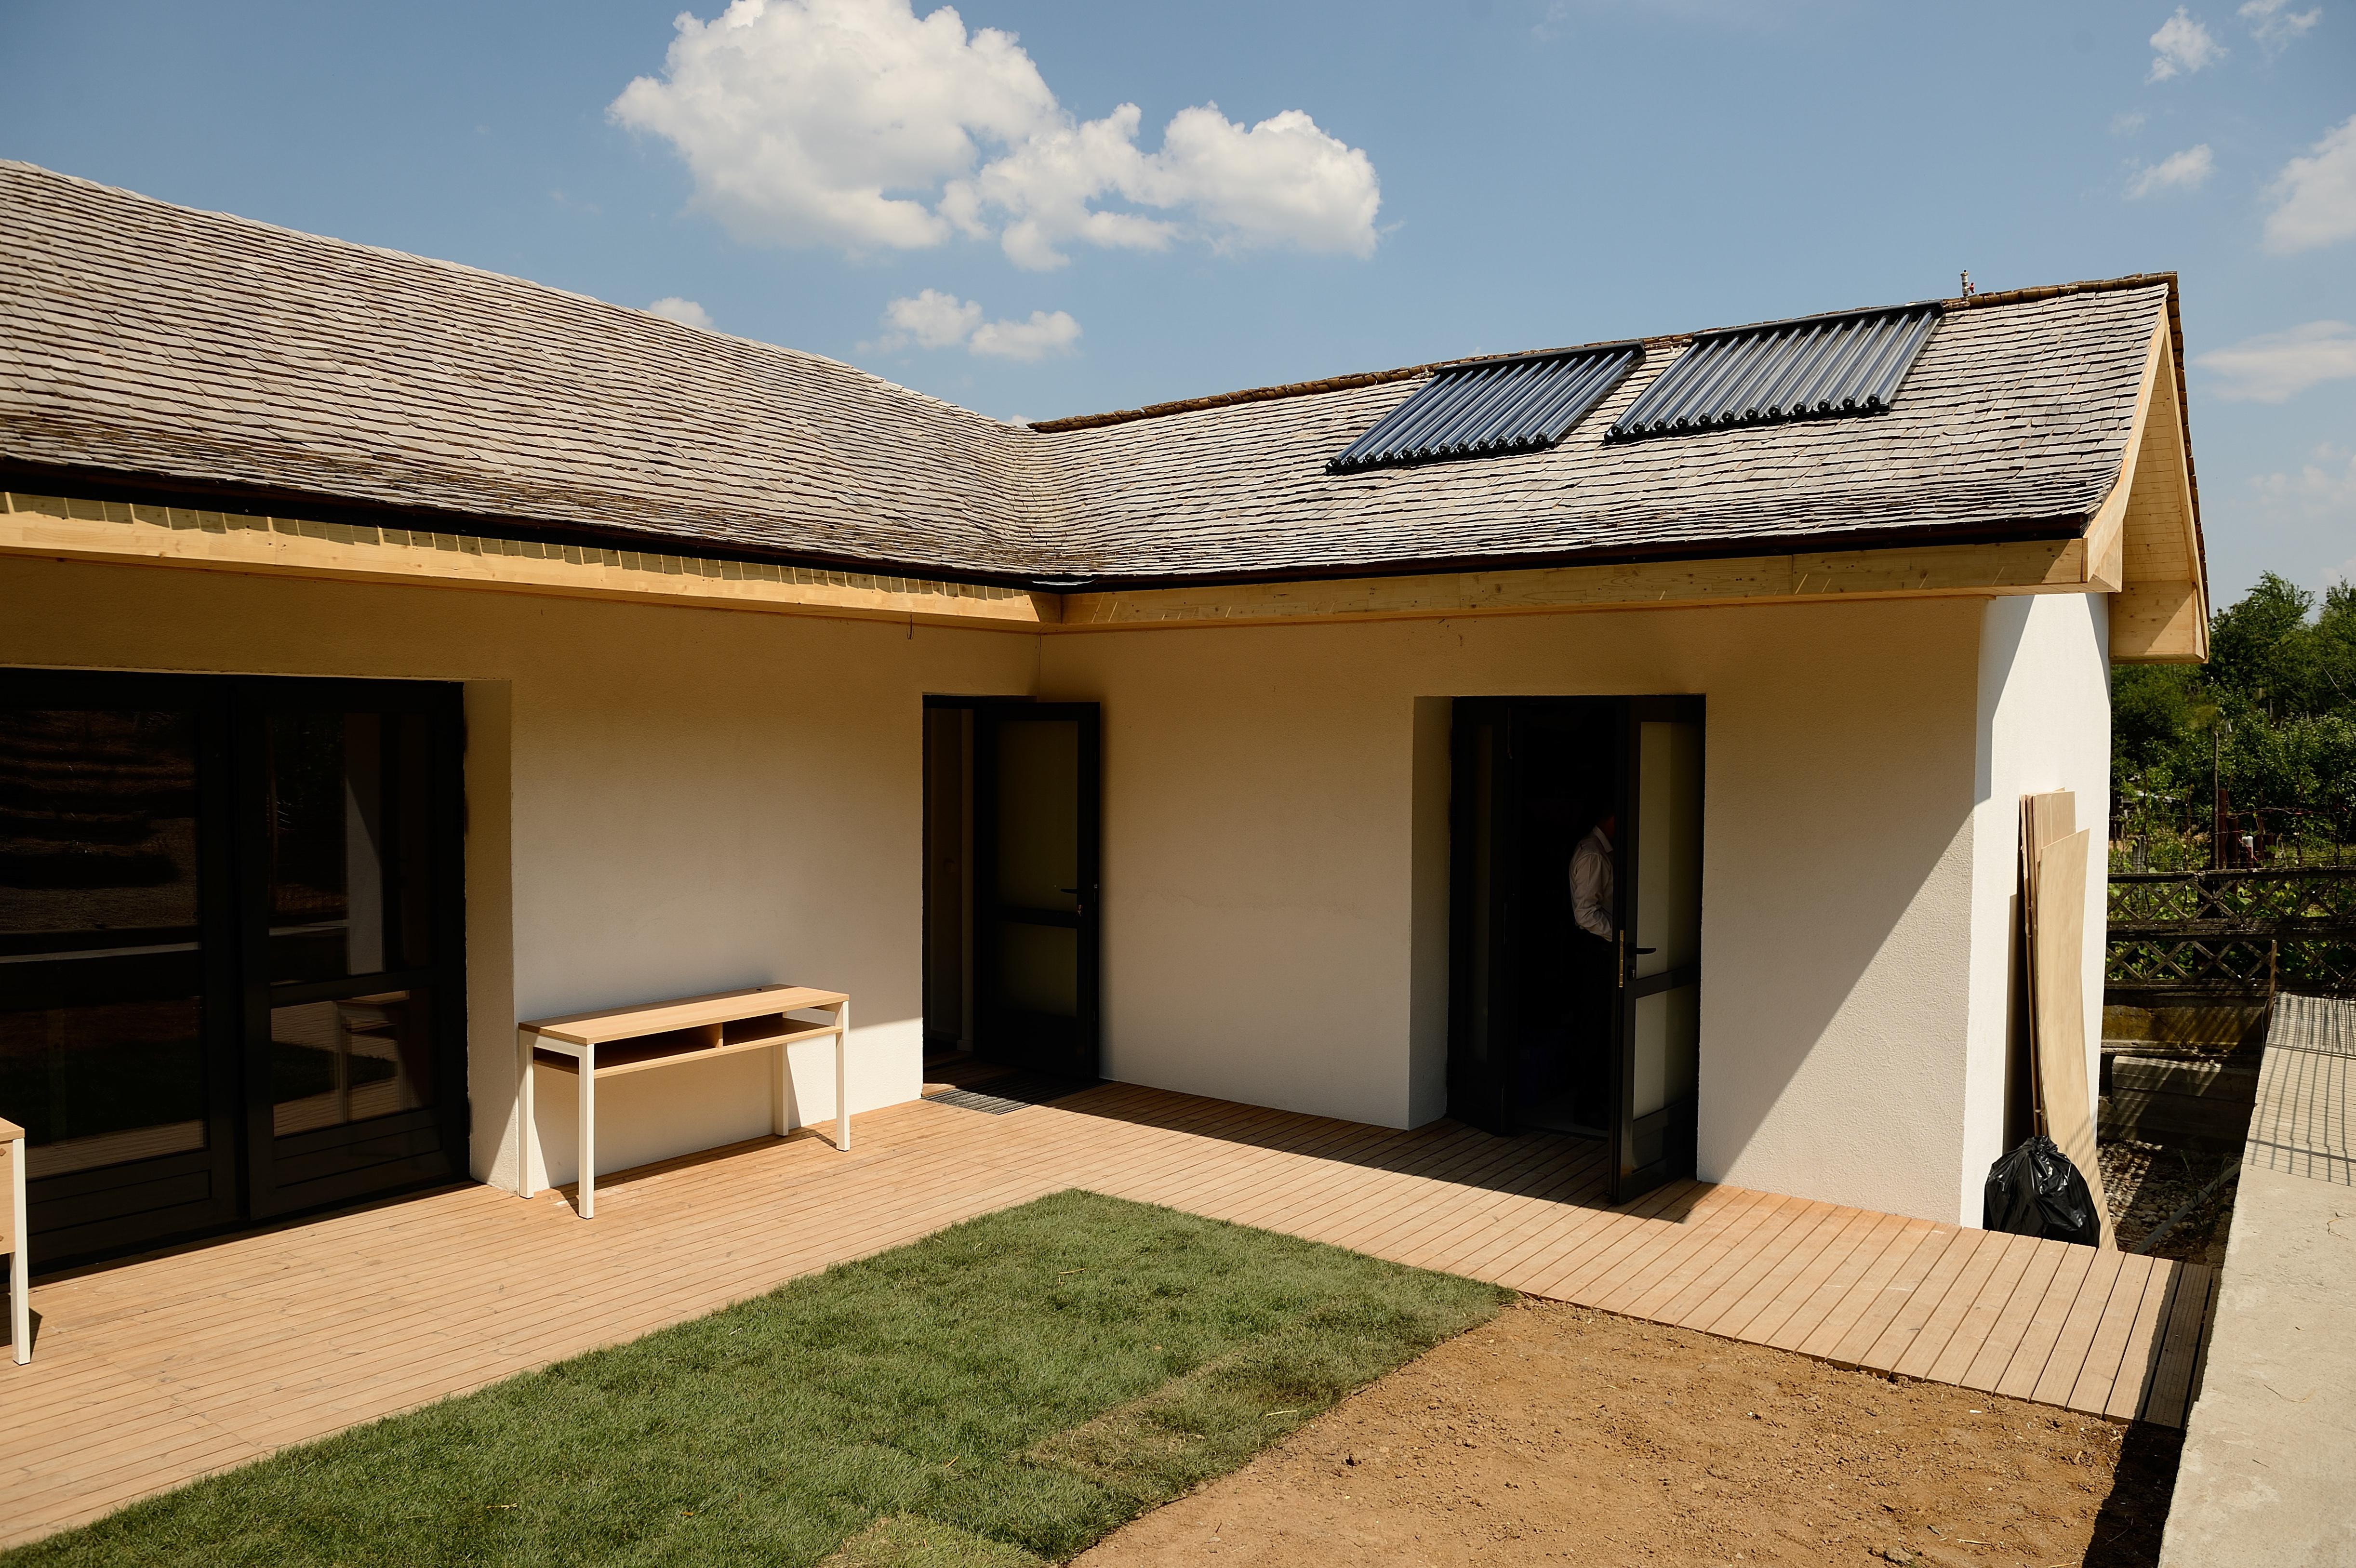 În 5 ani, toate casele din România ar putea fi dotate cu panouri fotovoltaice hibride